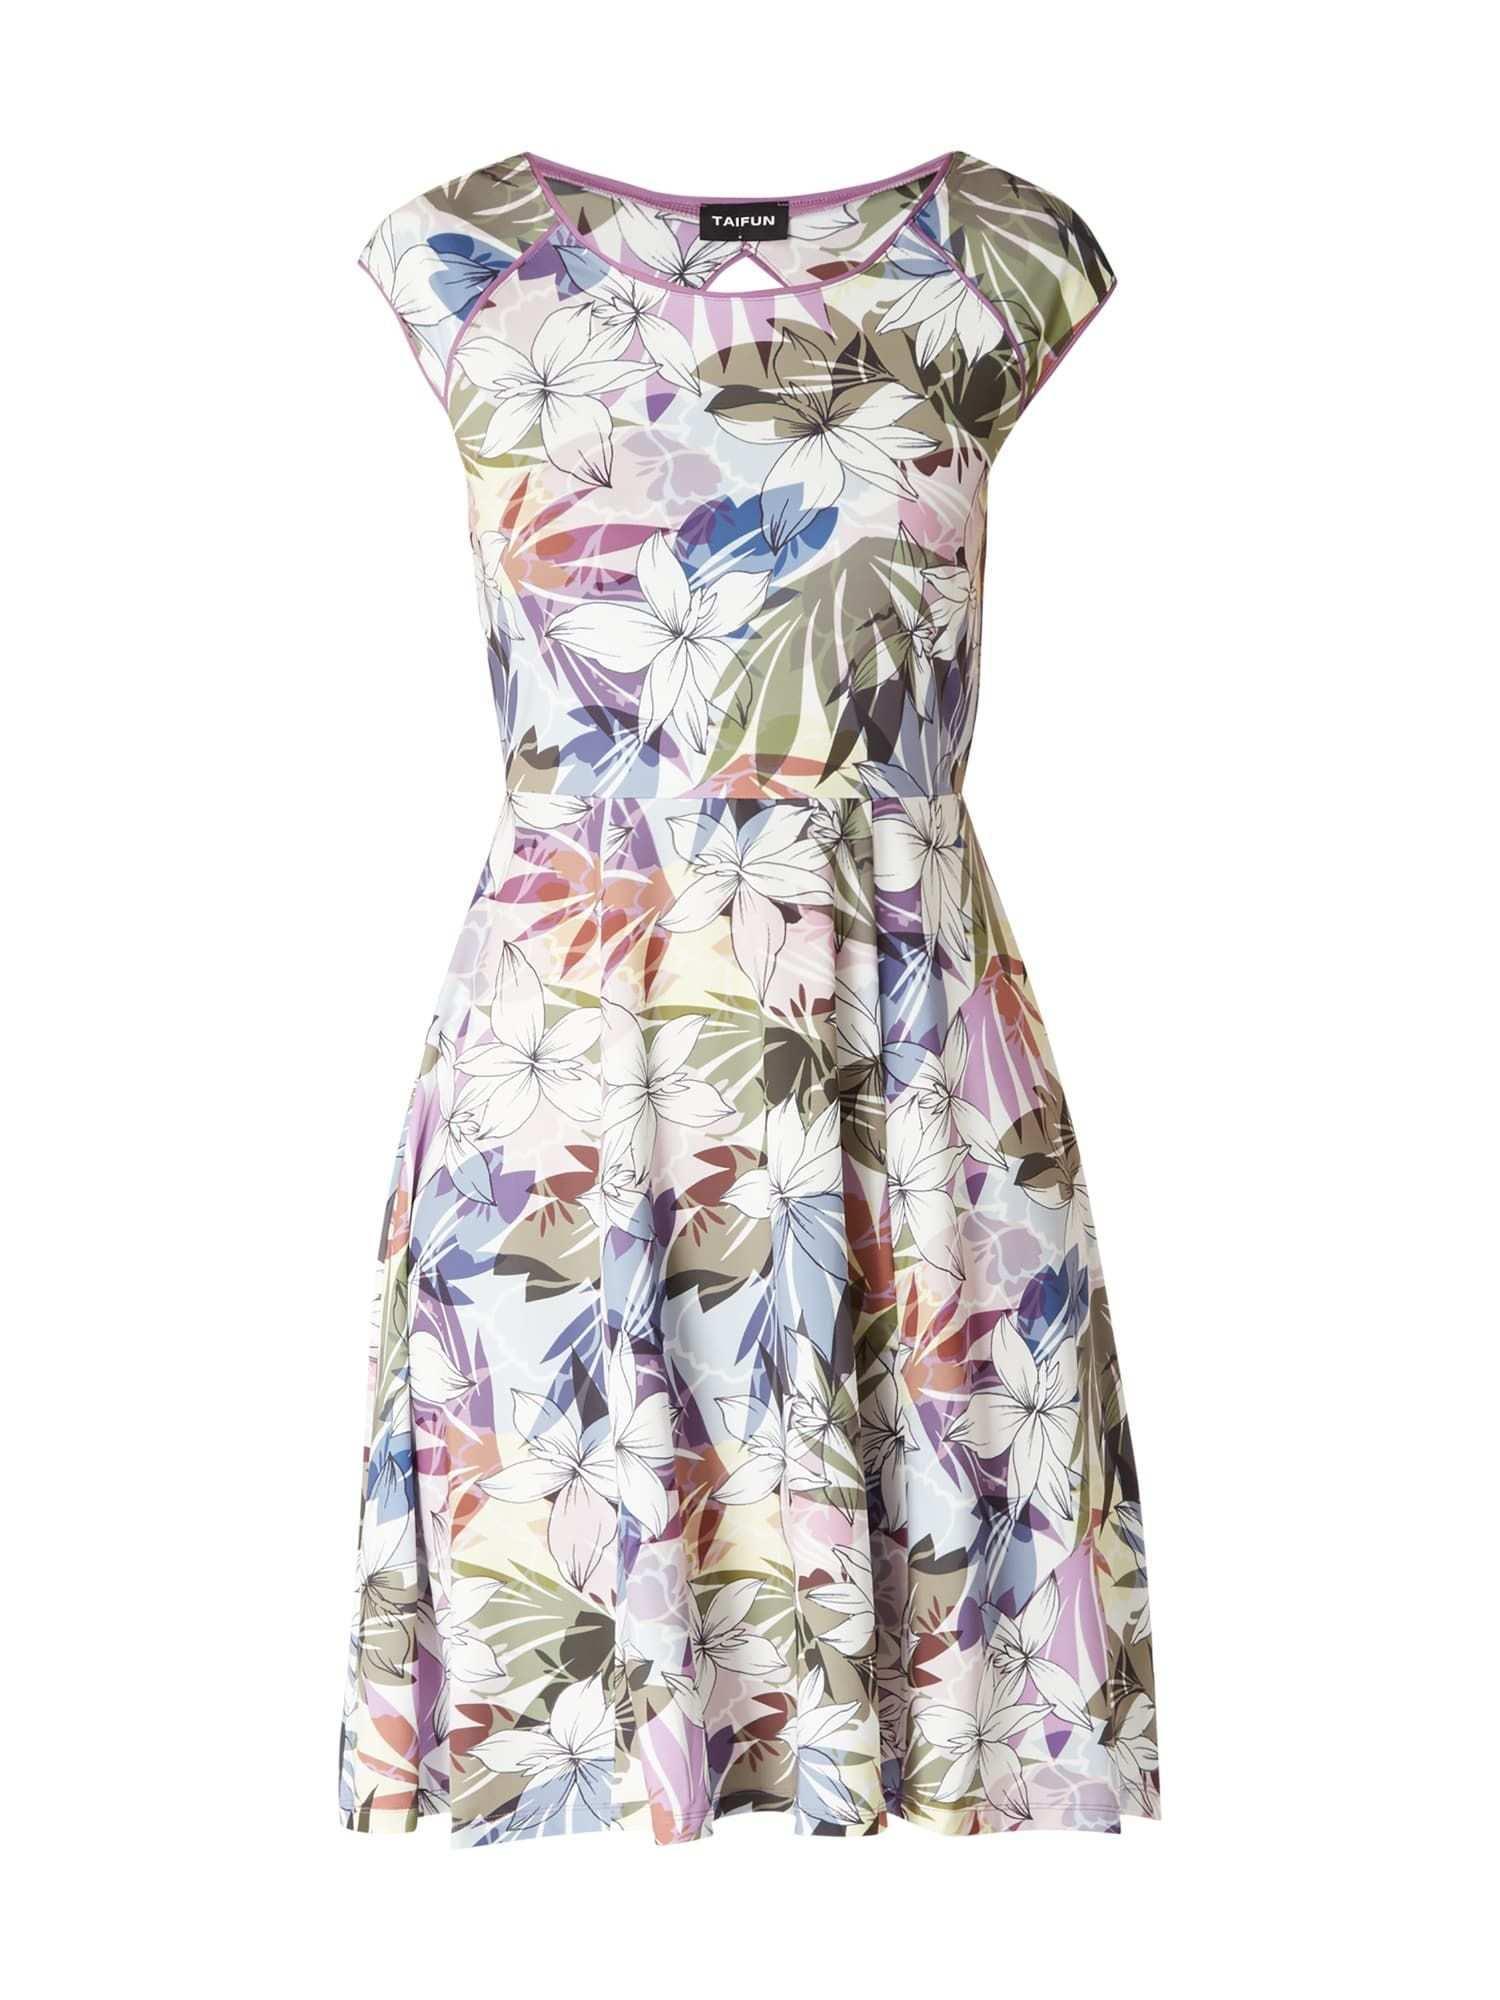 Bei P C Cocktailkleider Von Taifun Jetzt Taifun Kleid Mit Floralem Muster In Grun Online Kaufen 9805951 Floral Muster Kleider Muster